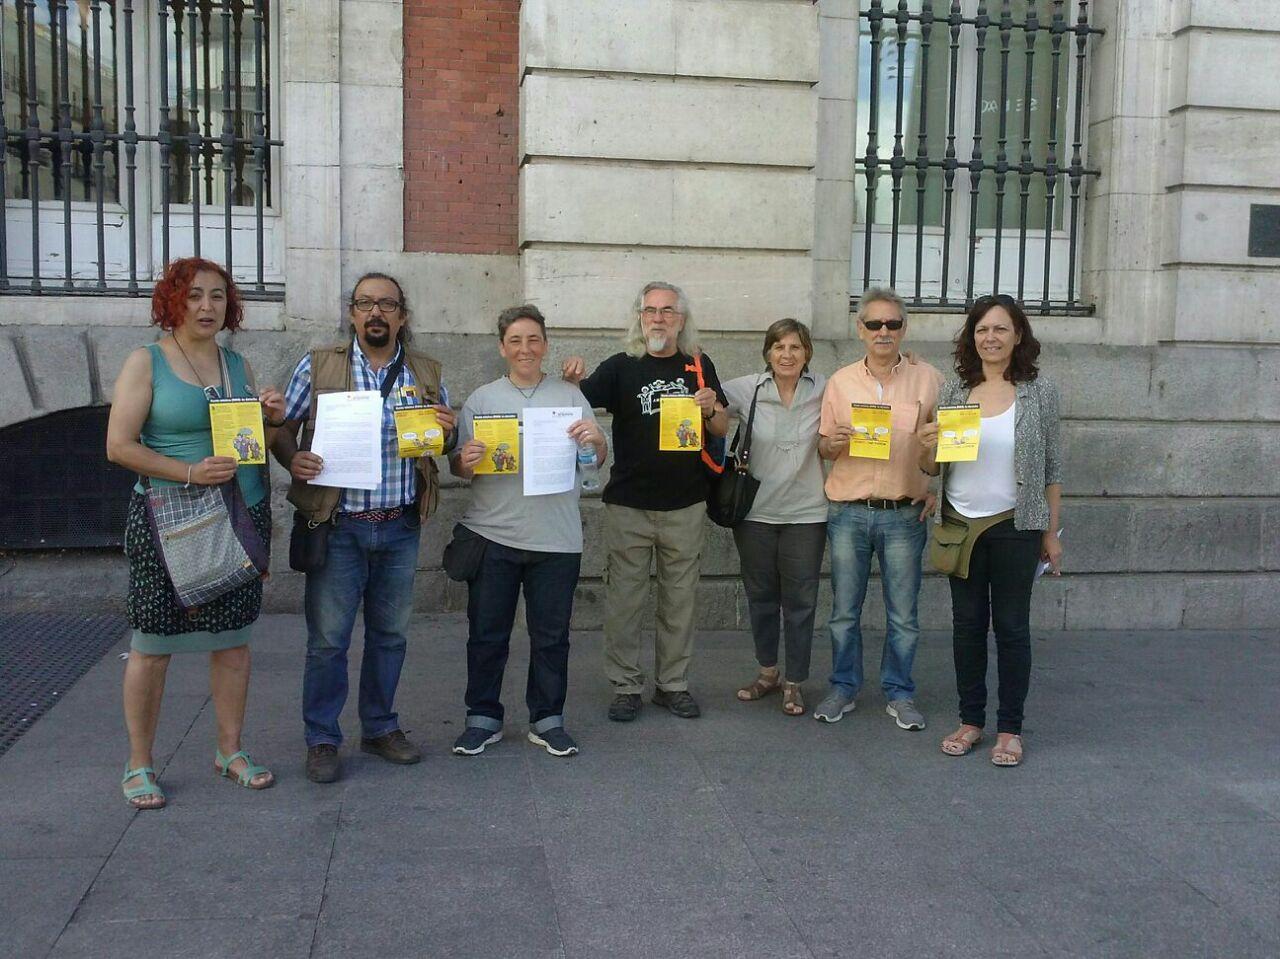 entrega campaña RMI Comunidad de Madrid